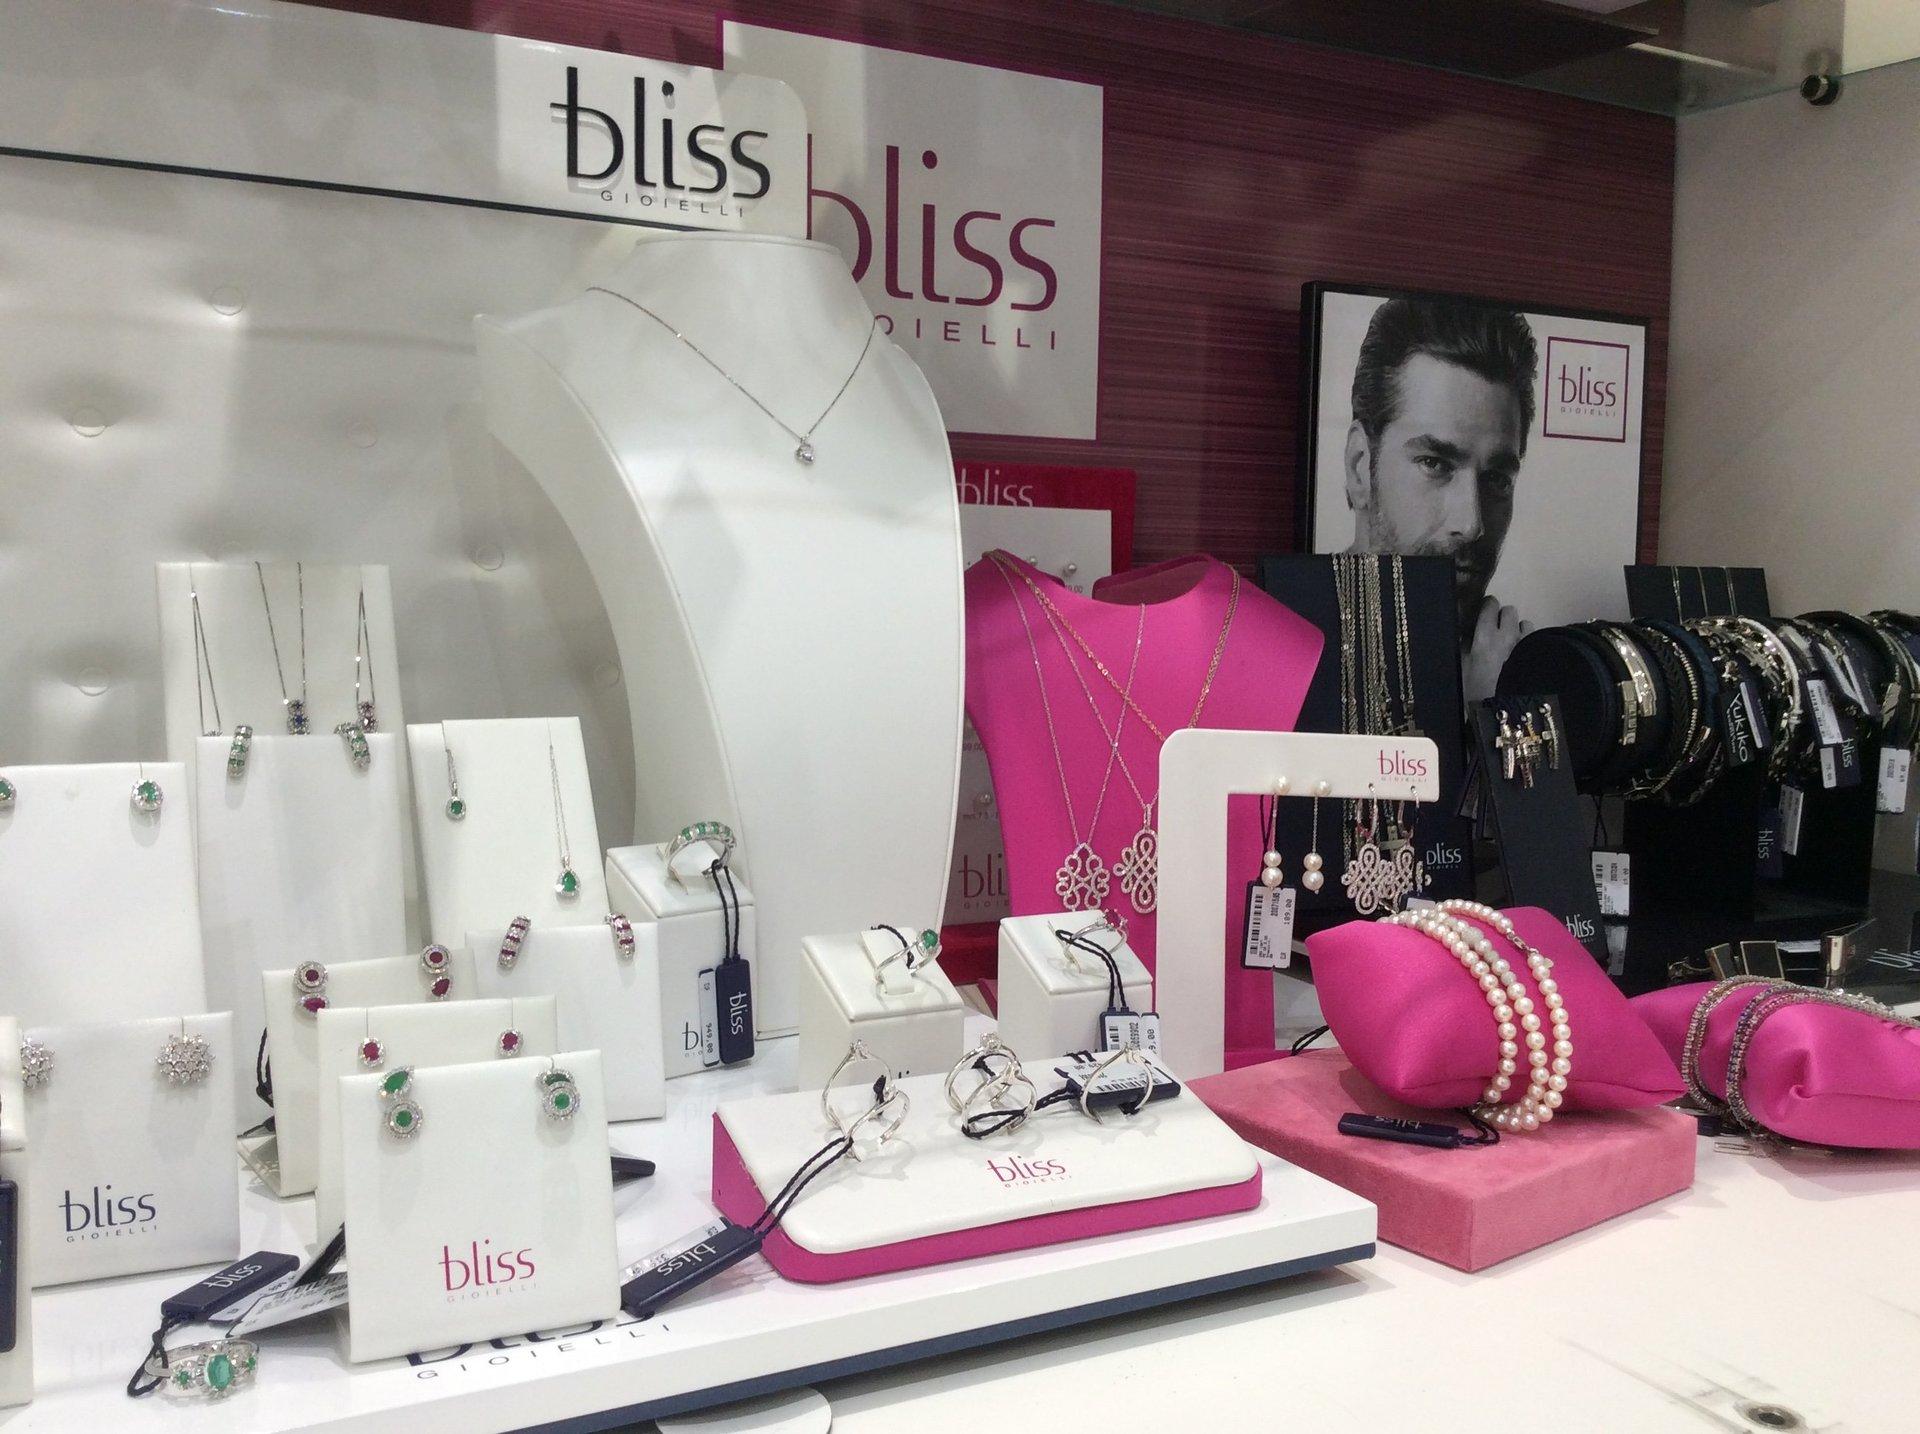 esposizione articoli preziosi da donna Bliss